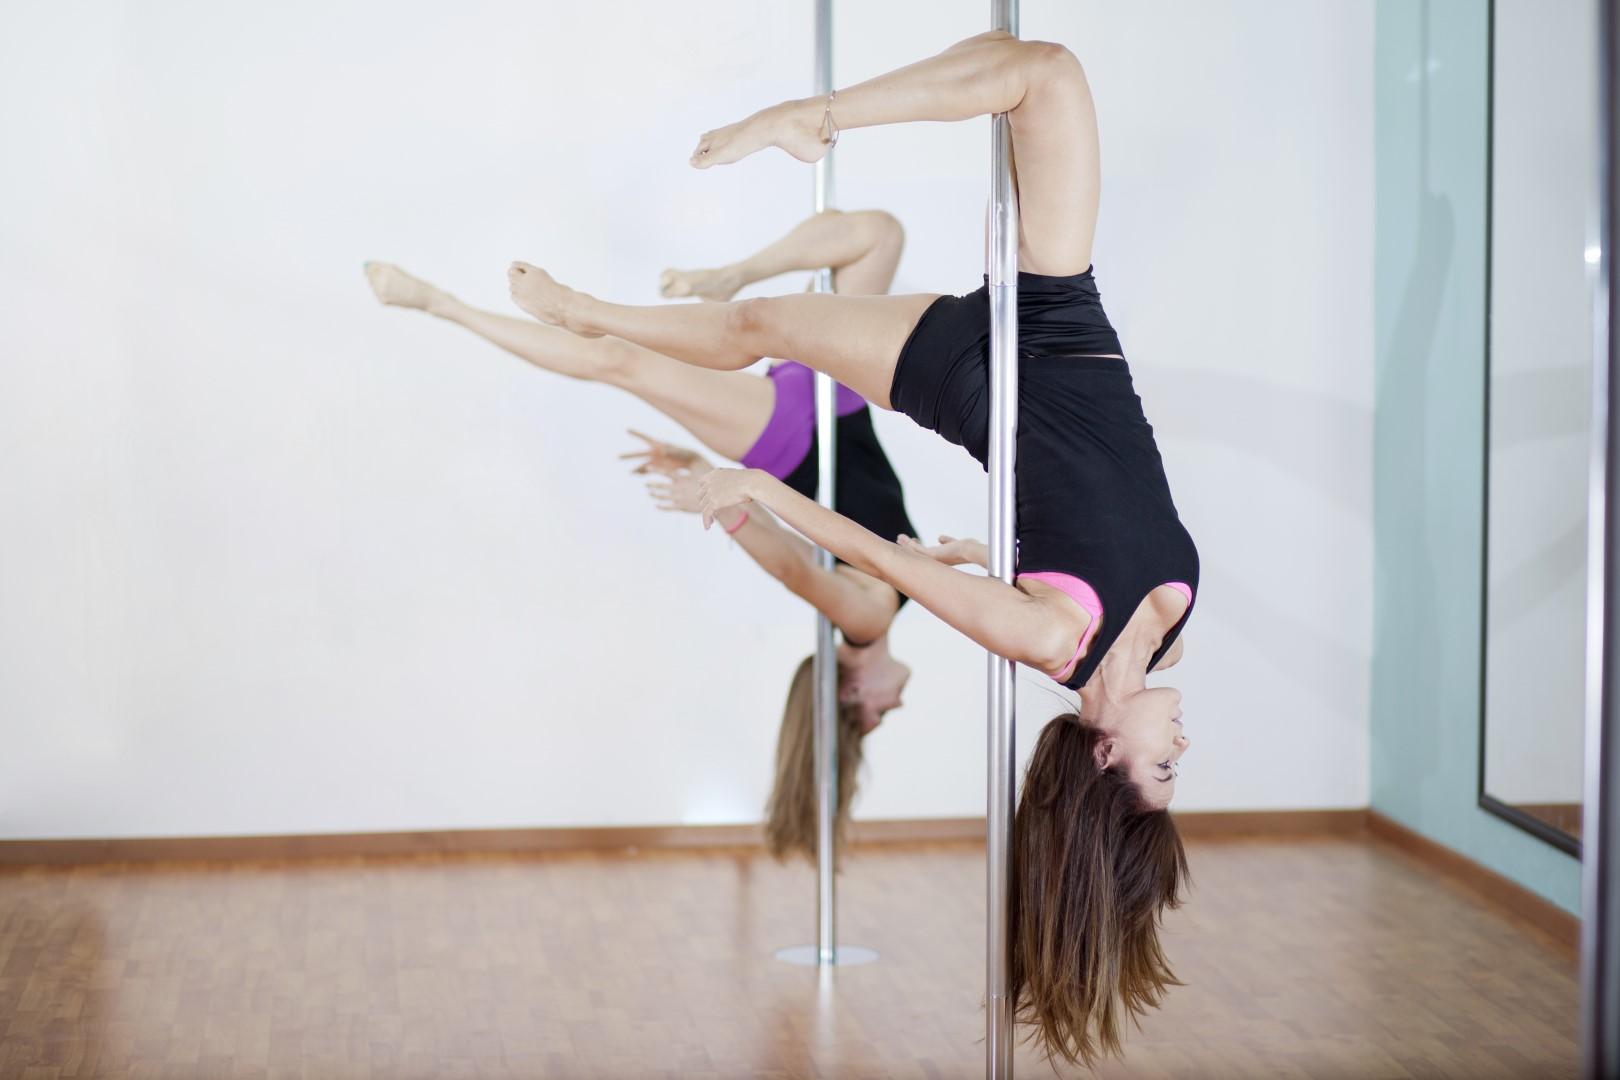 femme qui s'entraine à la pole dance